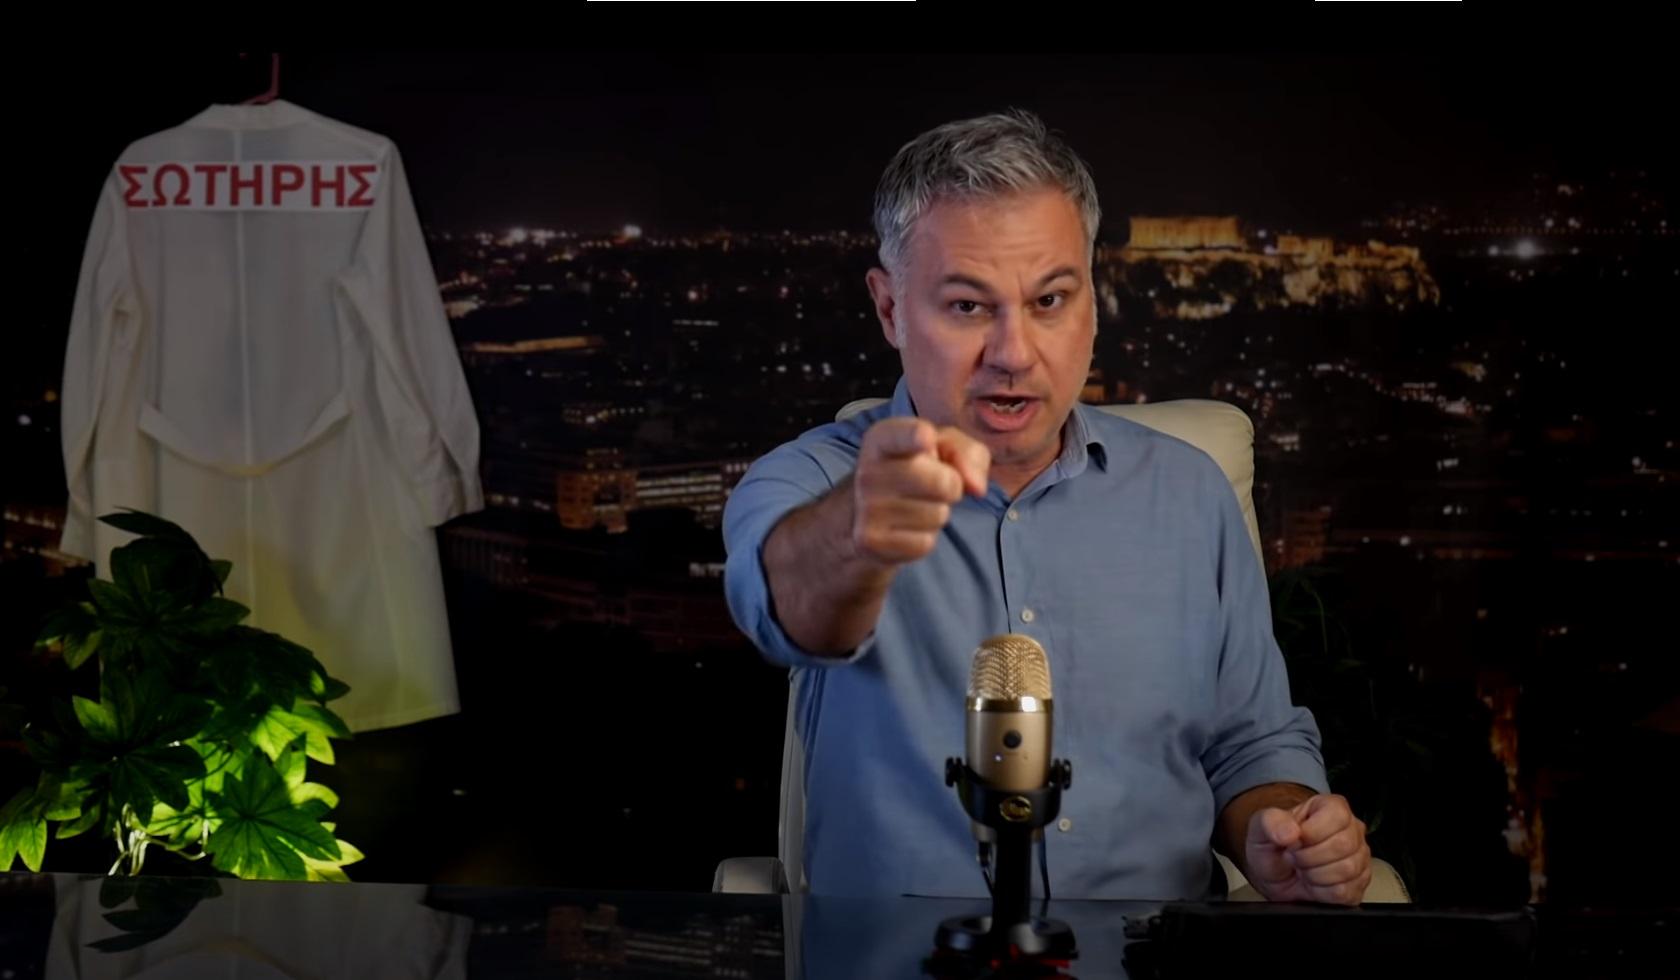 """Χριστόφορο Ζαραλίκος: Αυτός είναι ο… """"διαγαλαξιακός αυνάνας"""" (Βίντεο) @zaralikos"""